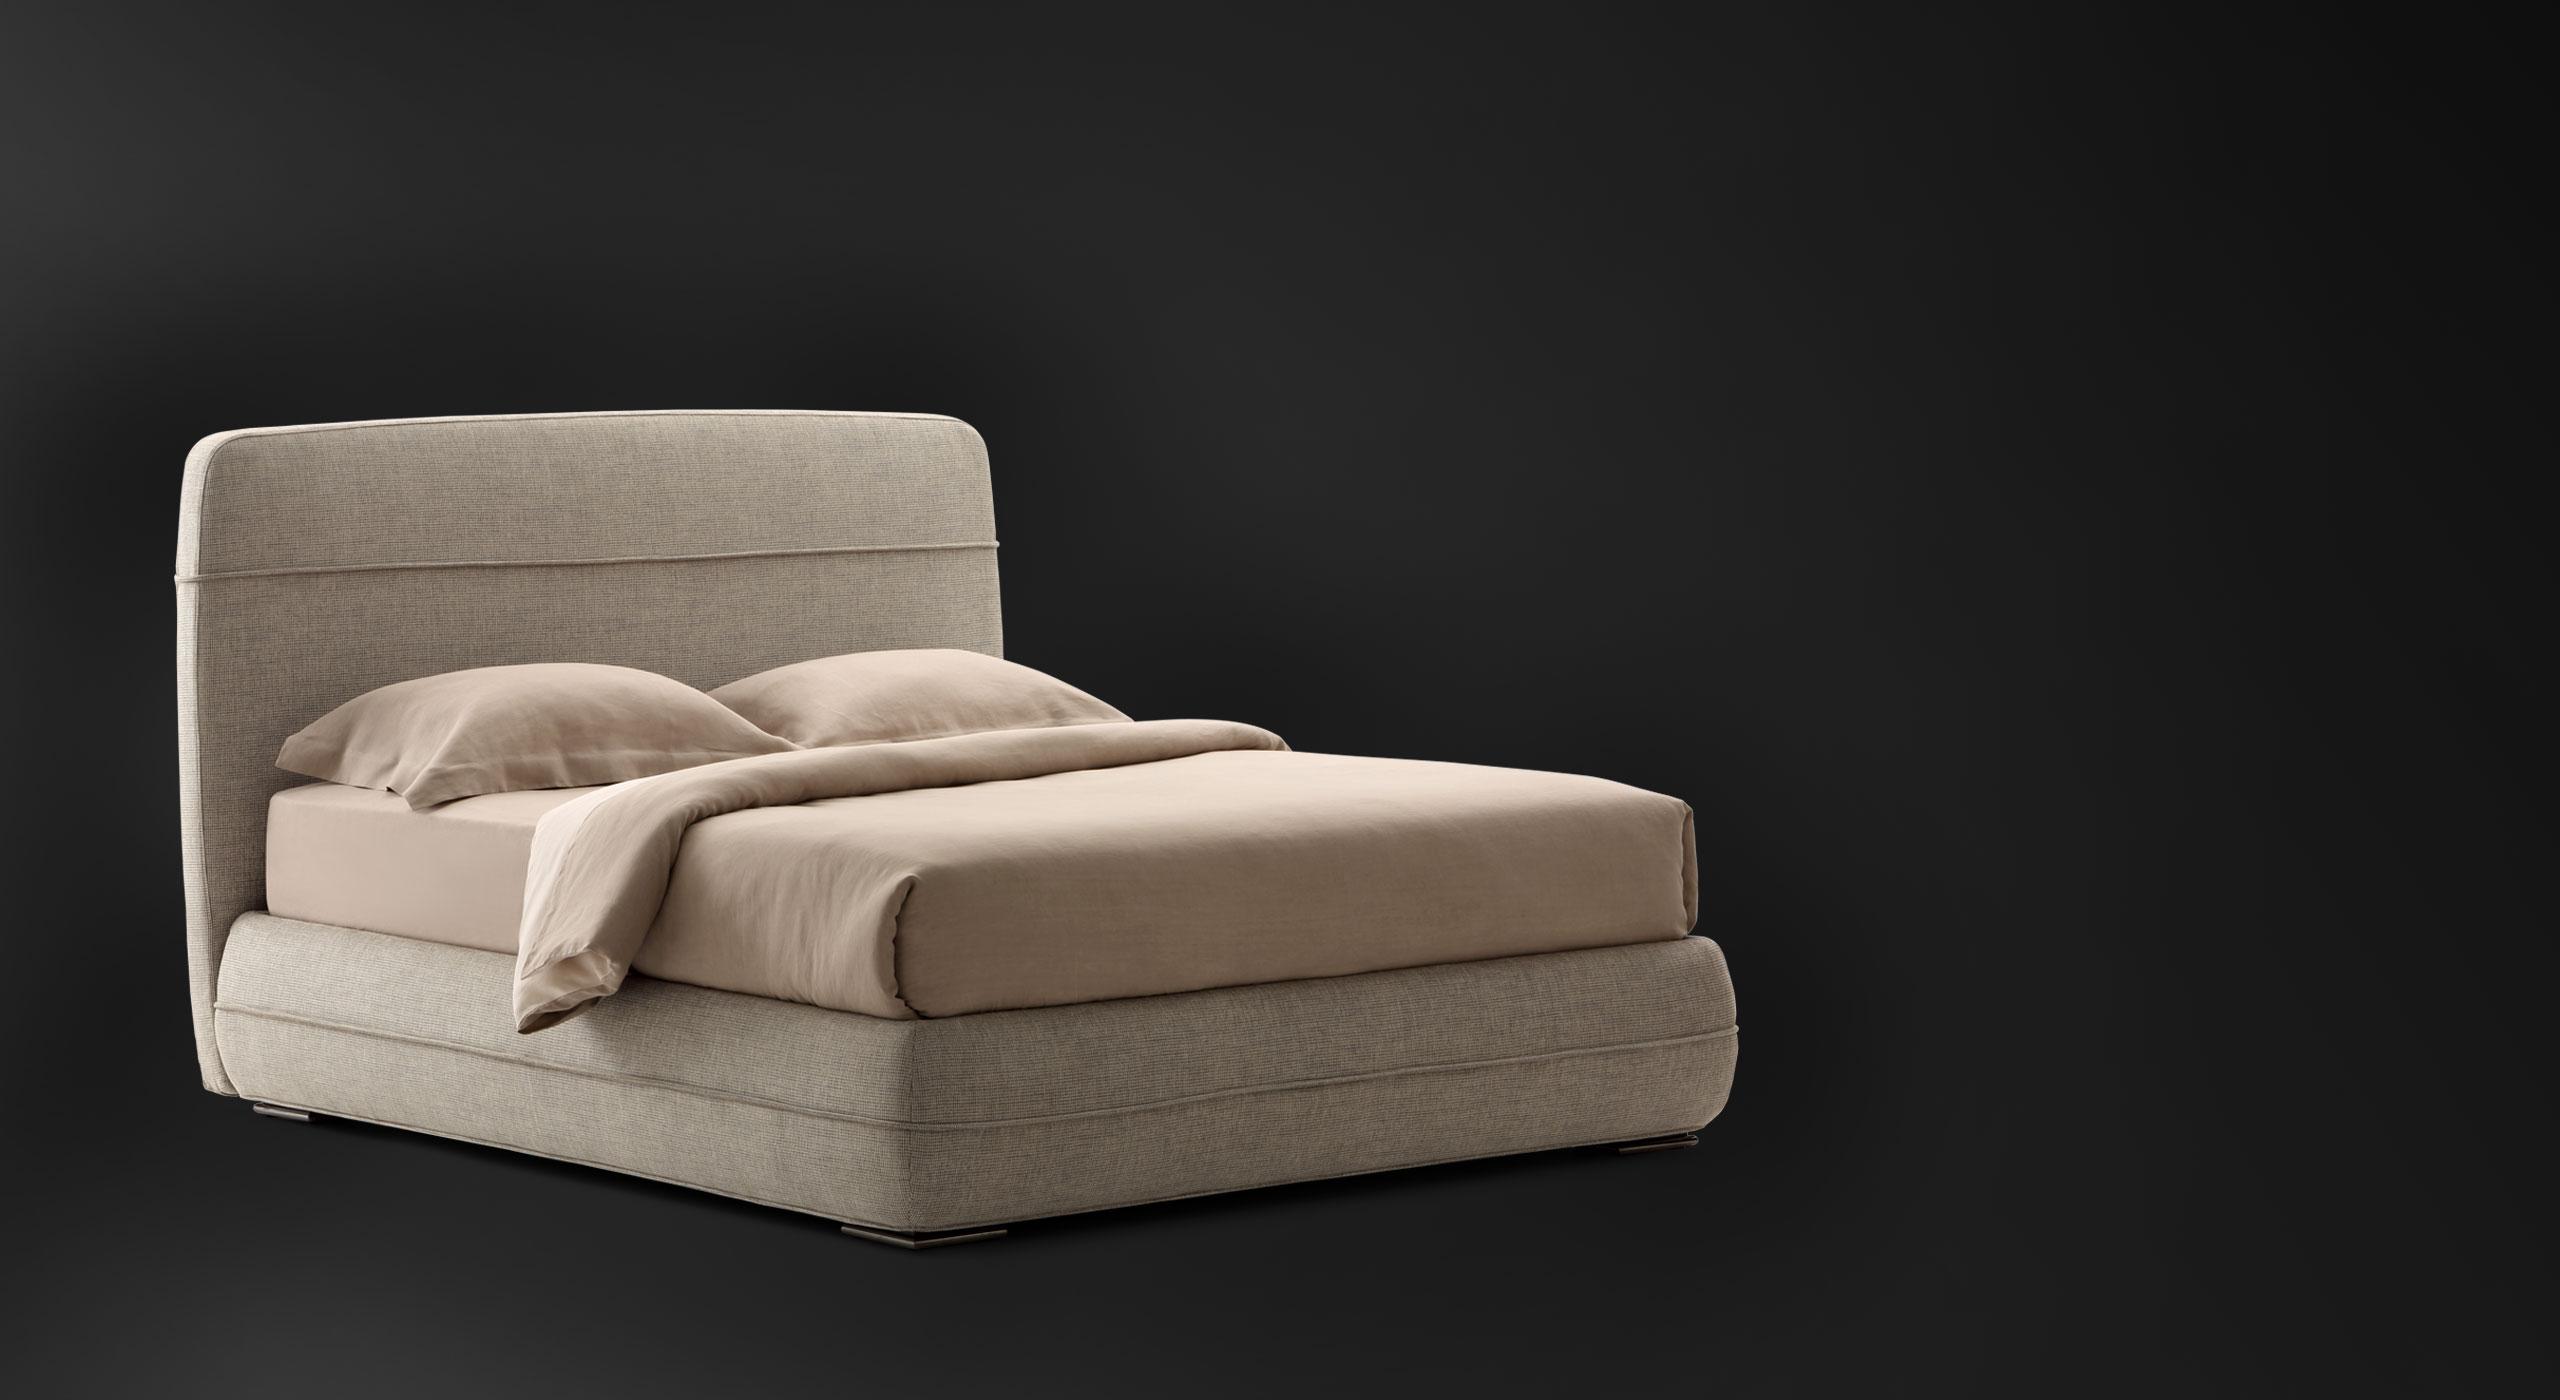 Letto futon arredamento mobili e accessori per la casa in